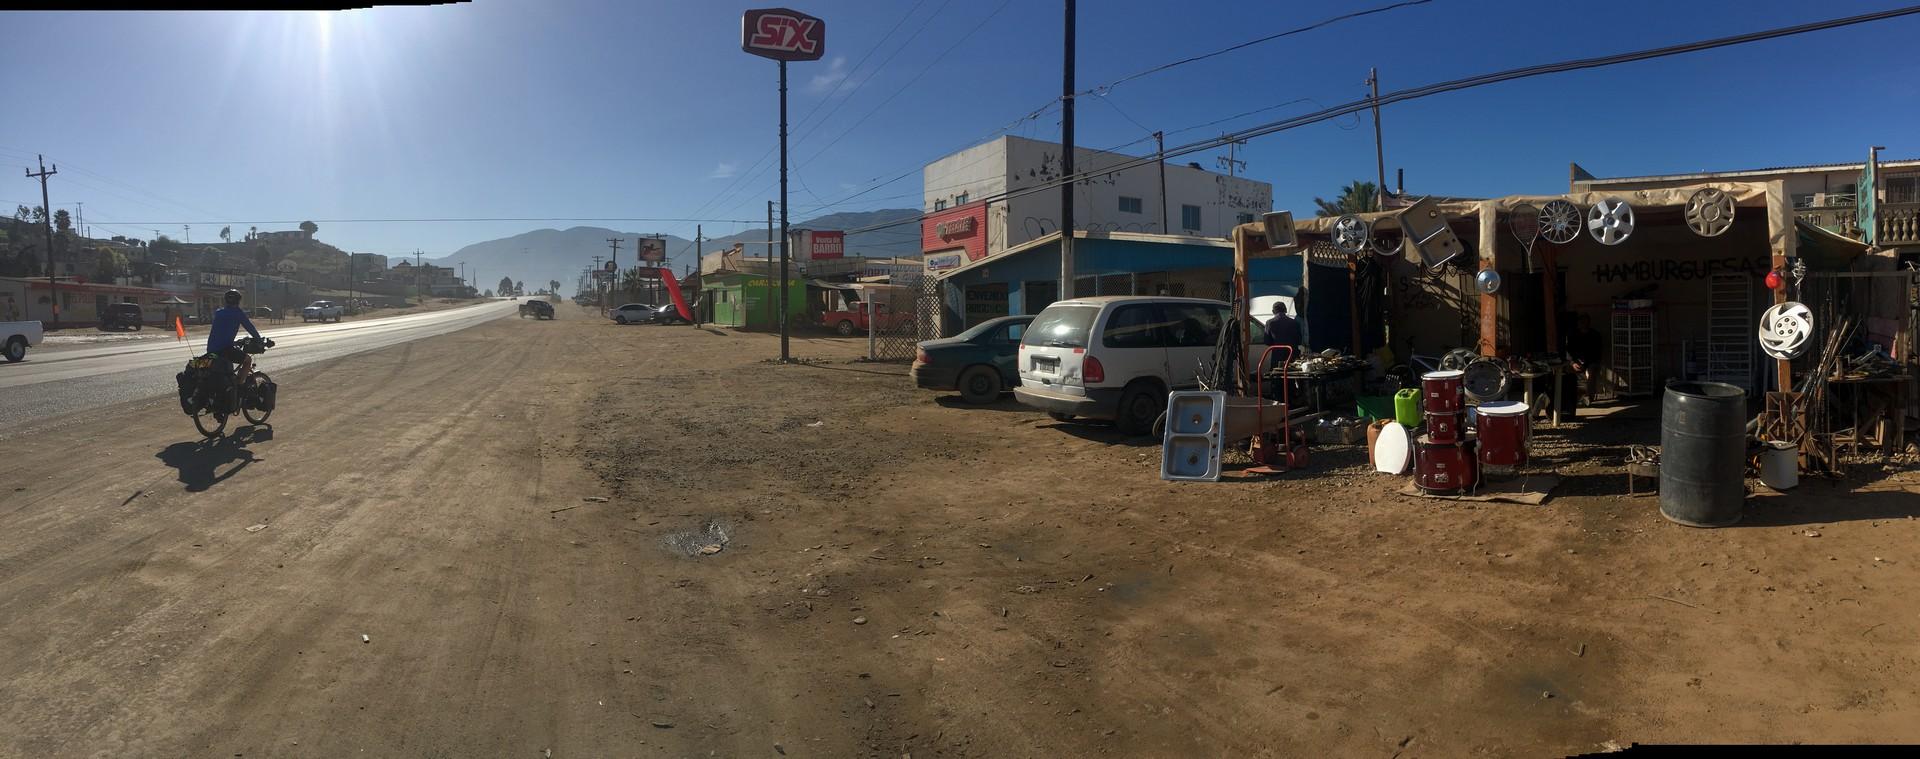 2018-01-17 Ensenada_Santo Tomas-7